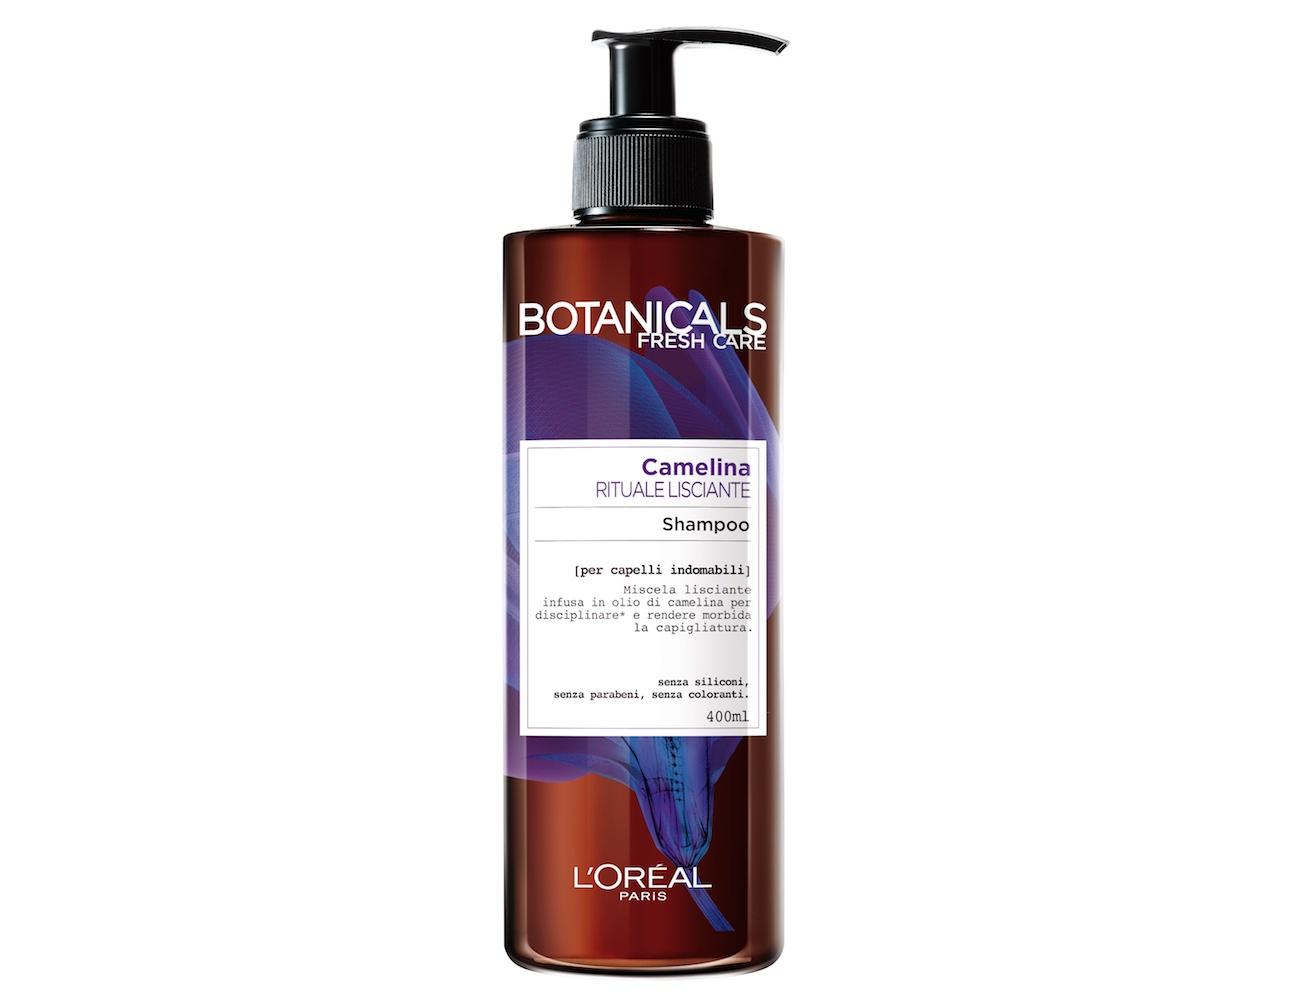 Image of L'Oreal Botanicals Shampoo Camelina - 400 ml